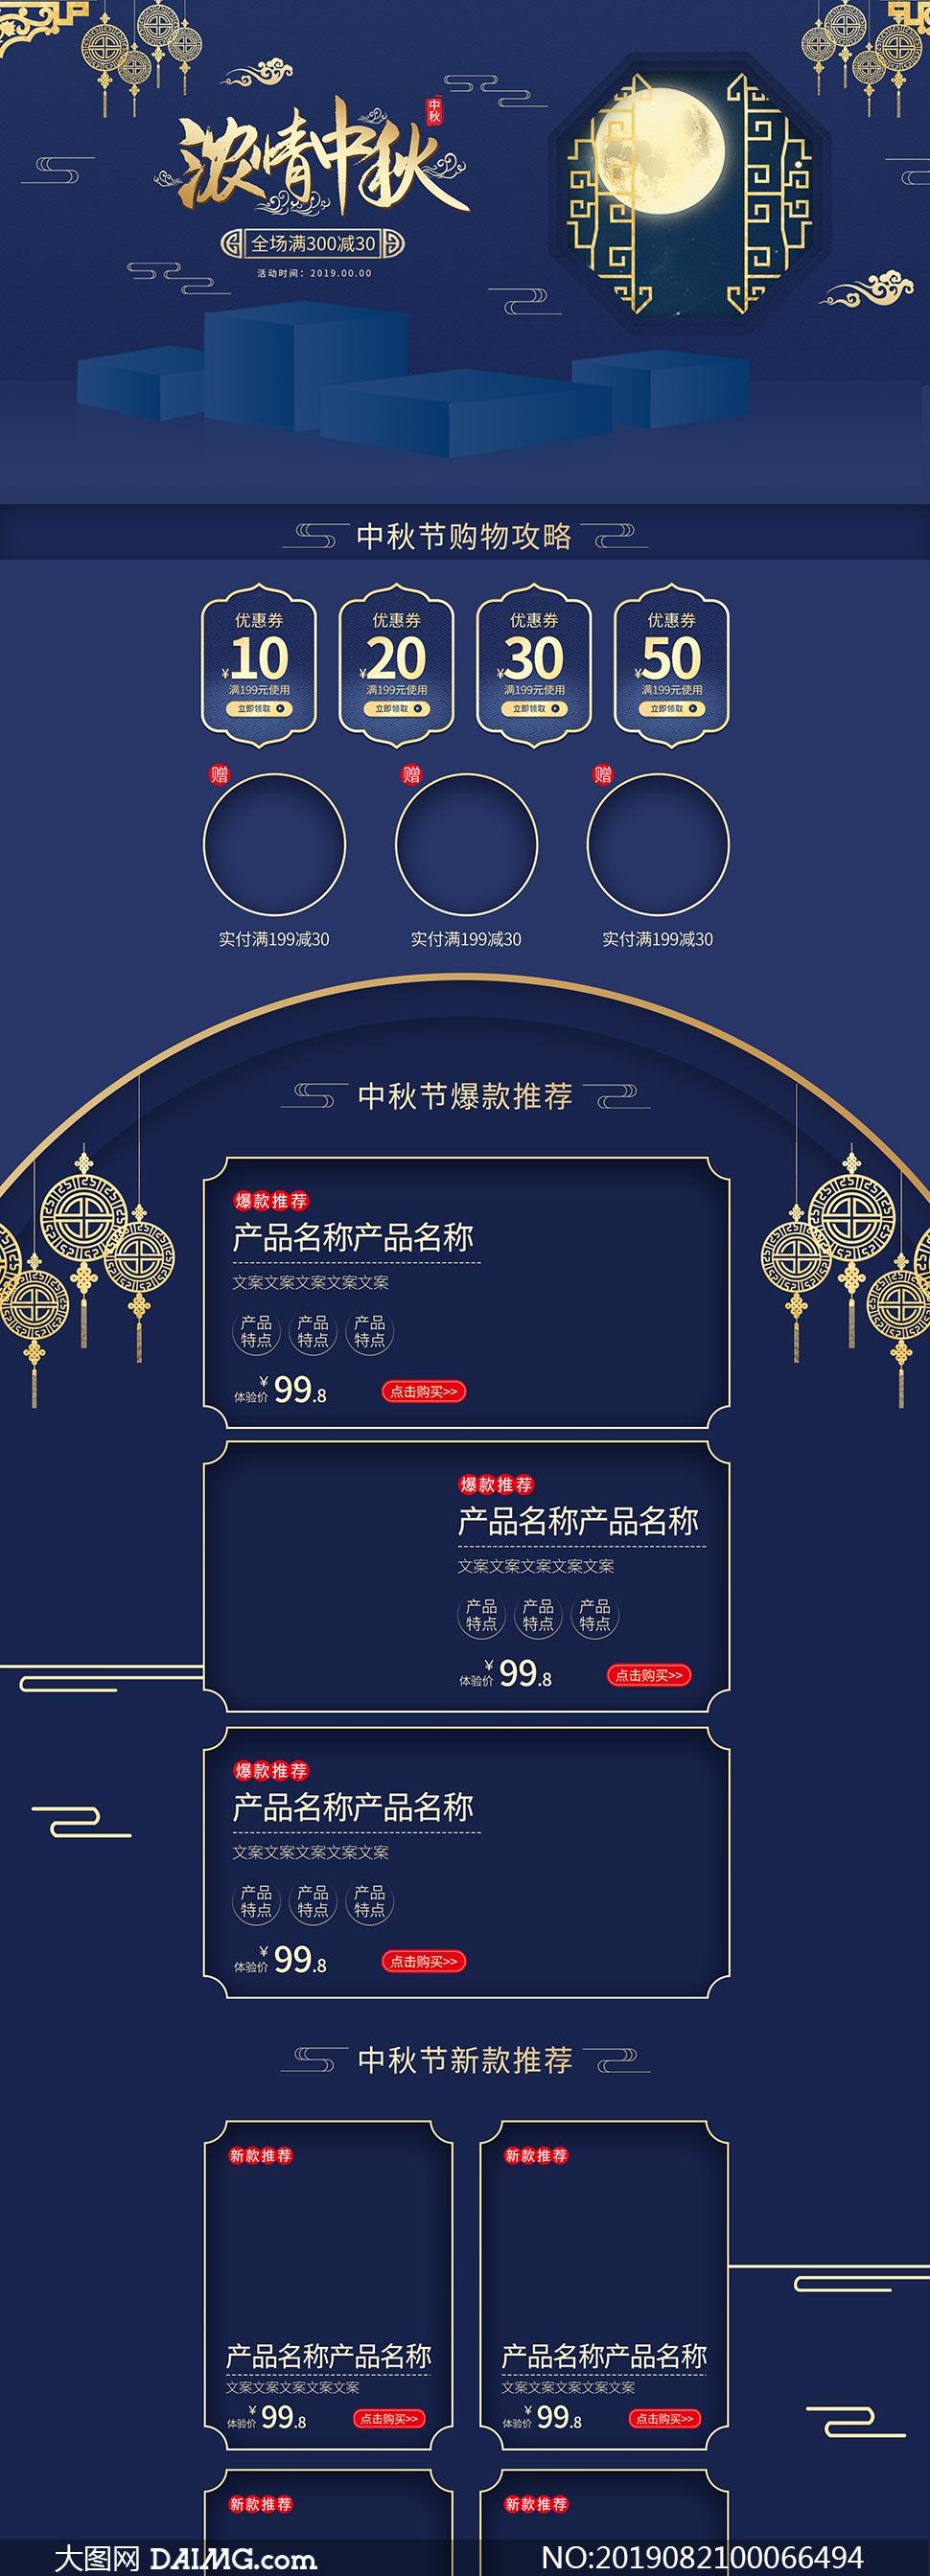 淘宝中秋节购物首页设计模板PSD素材